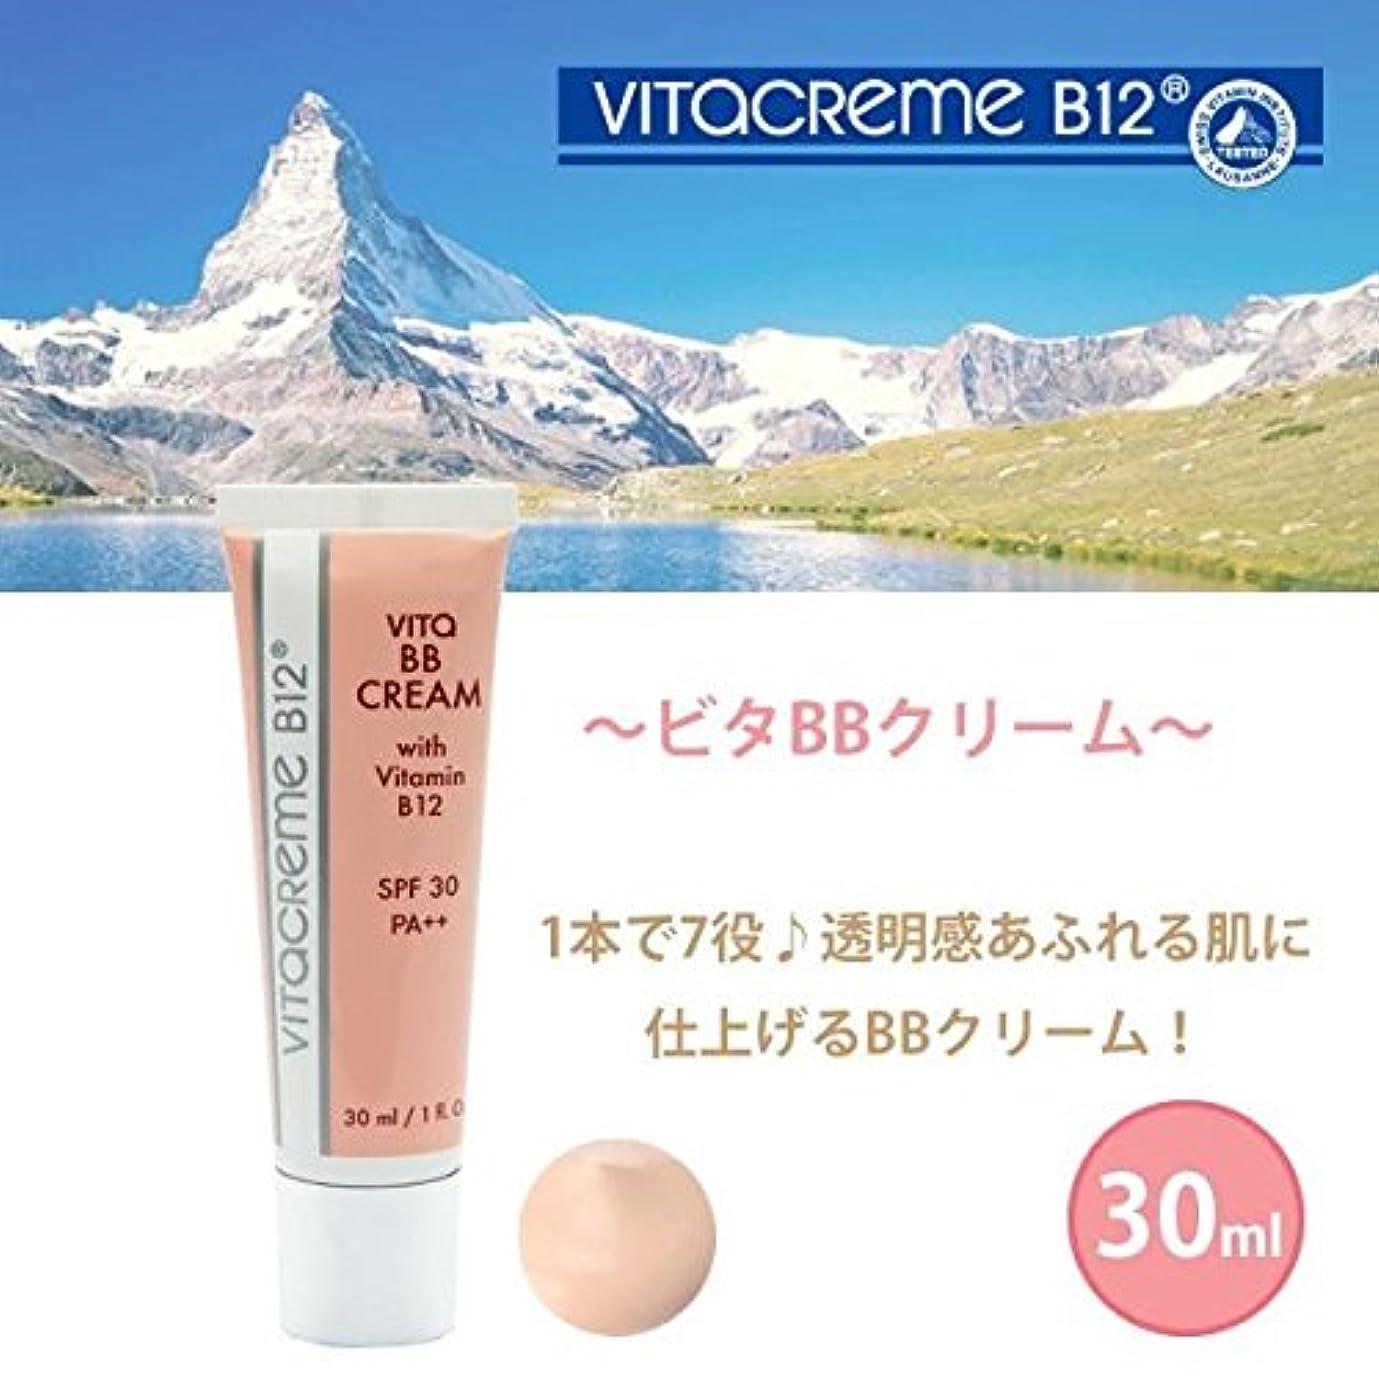 羽これら頼るビタBBクリーム 30ml 正規品 VTB238 【人気 おすすめ 】